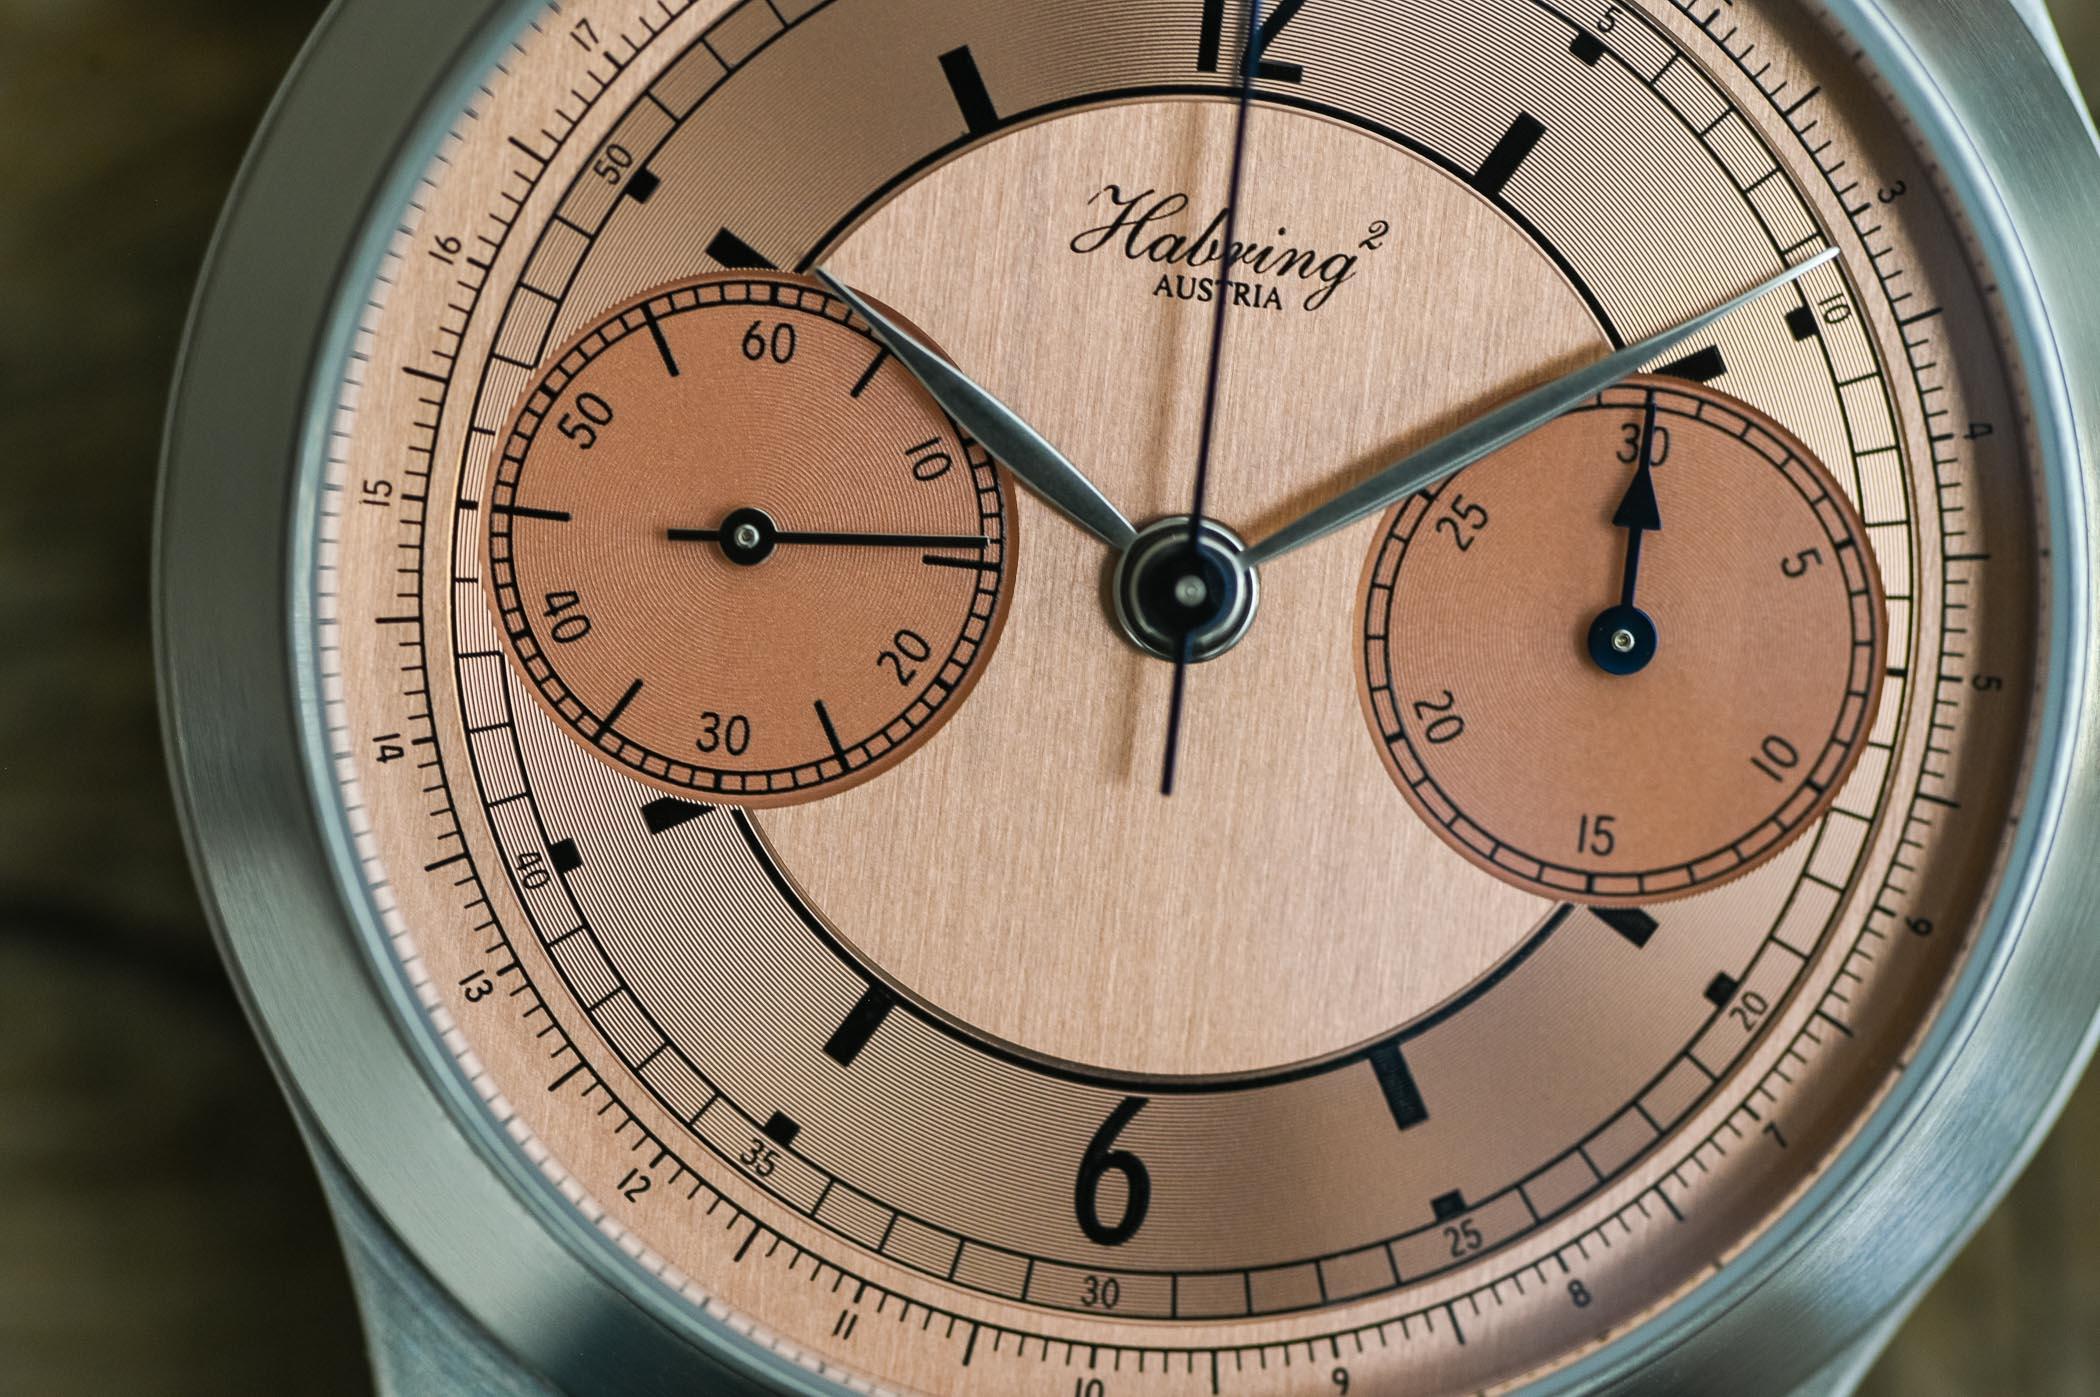 MONOCHROME Montre de Souscription 1 x Habring2 Monopusher Chronograph salmon sector dial